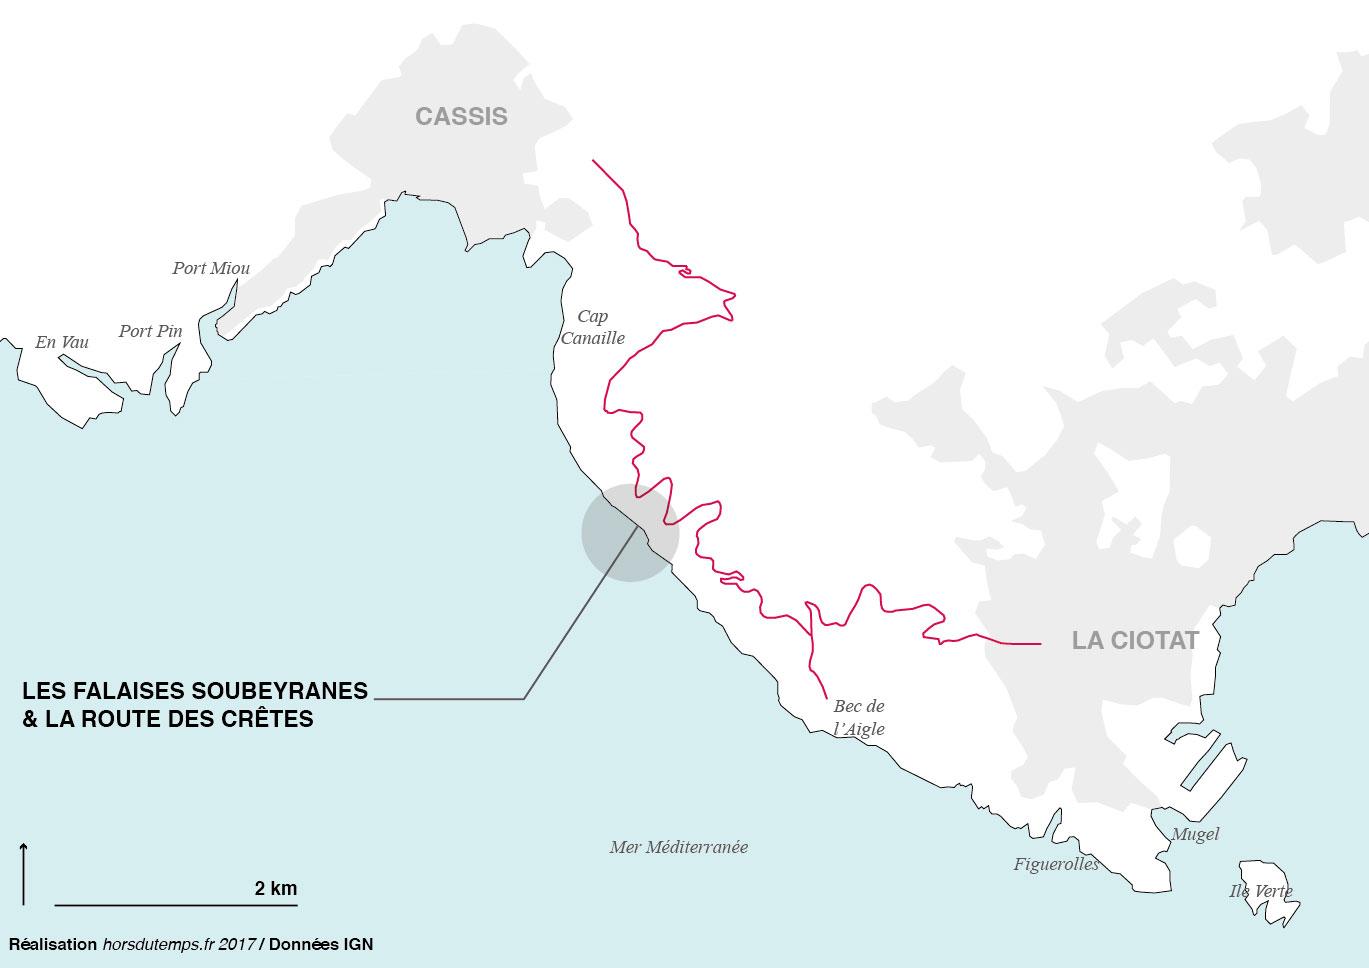 carte route des cretes cassis